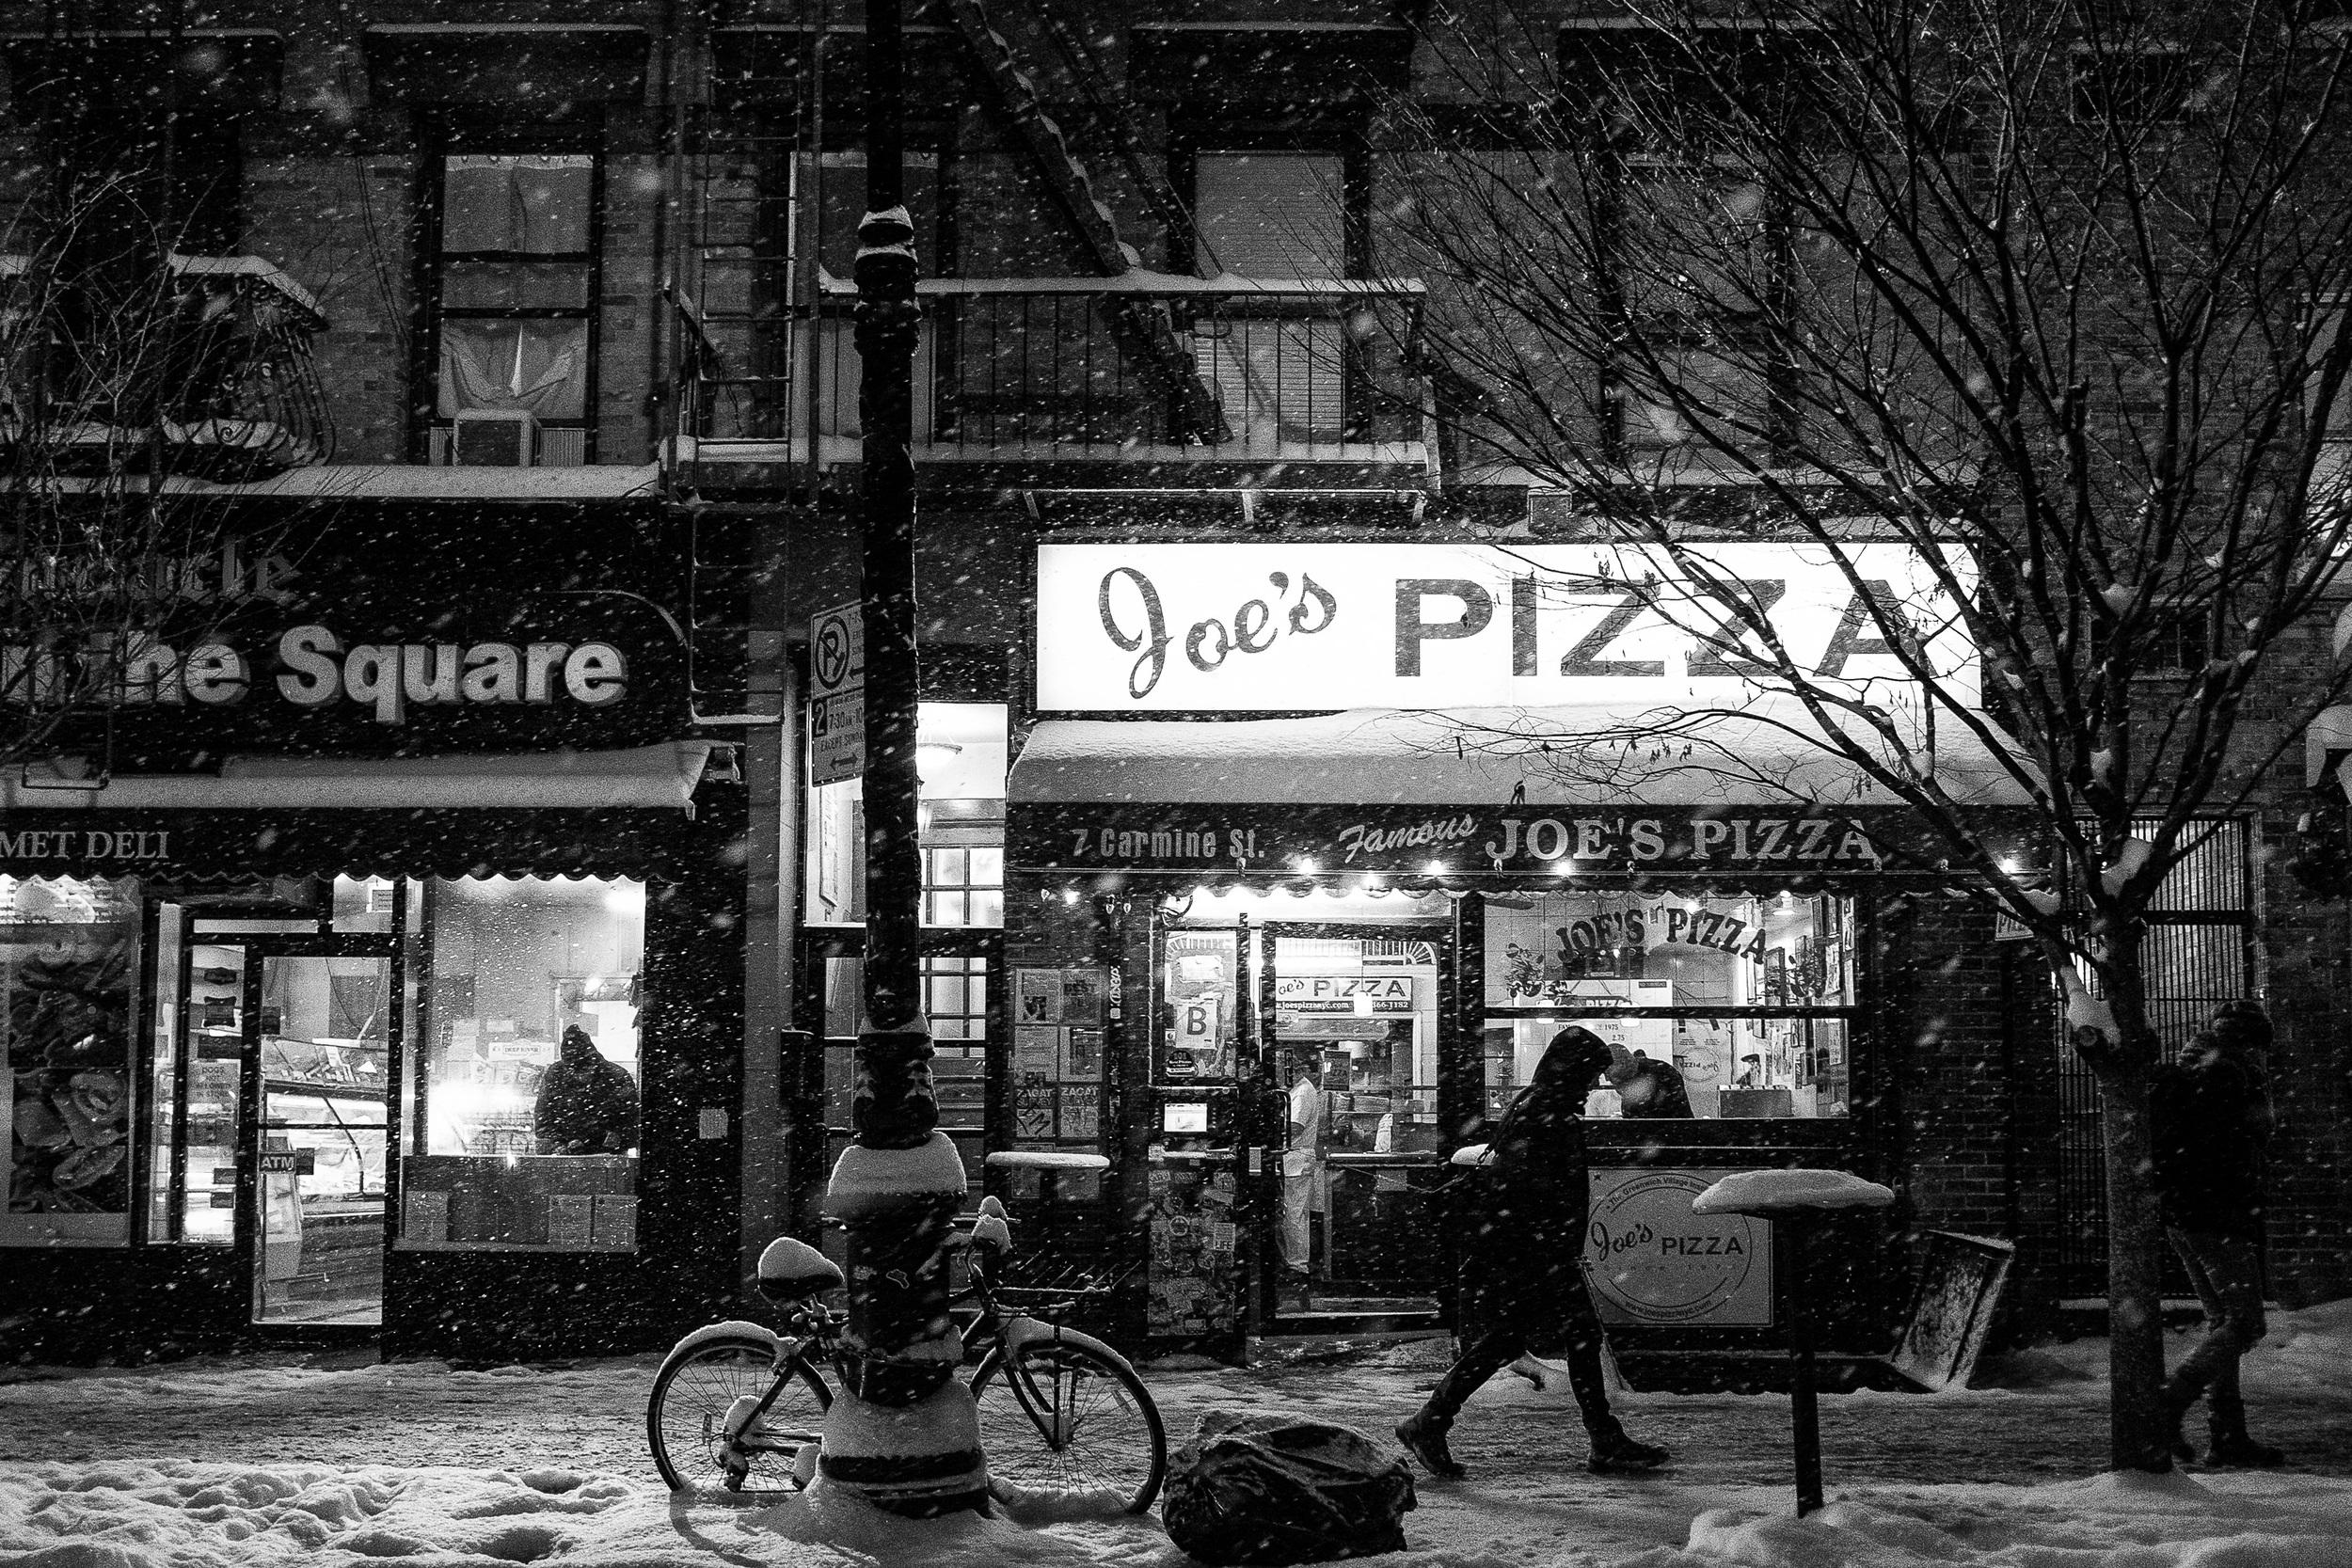 Joe's Pizza. (Better than Ben's Pizza)